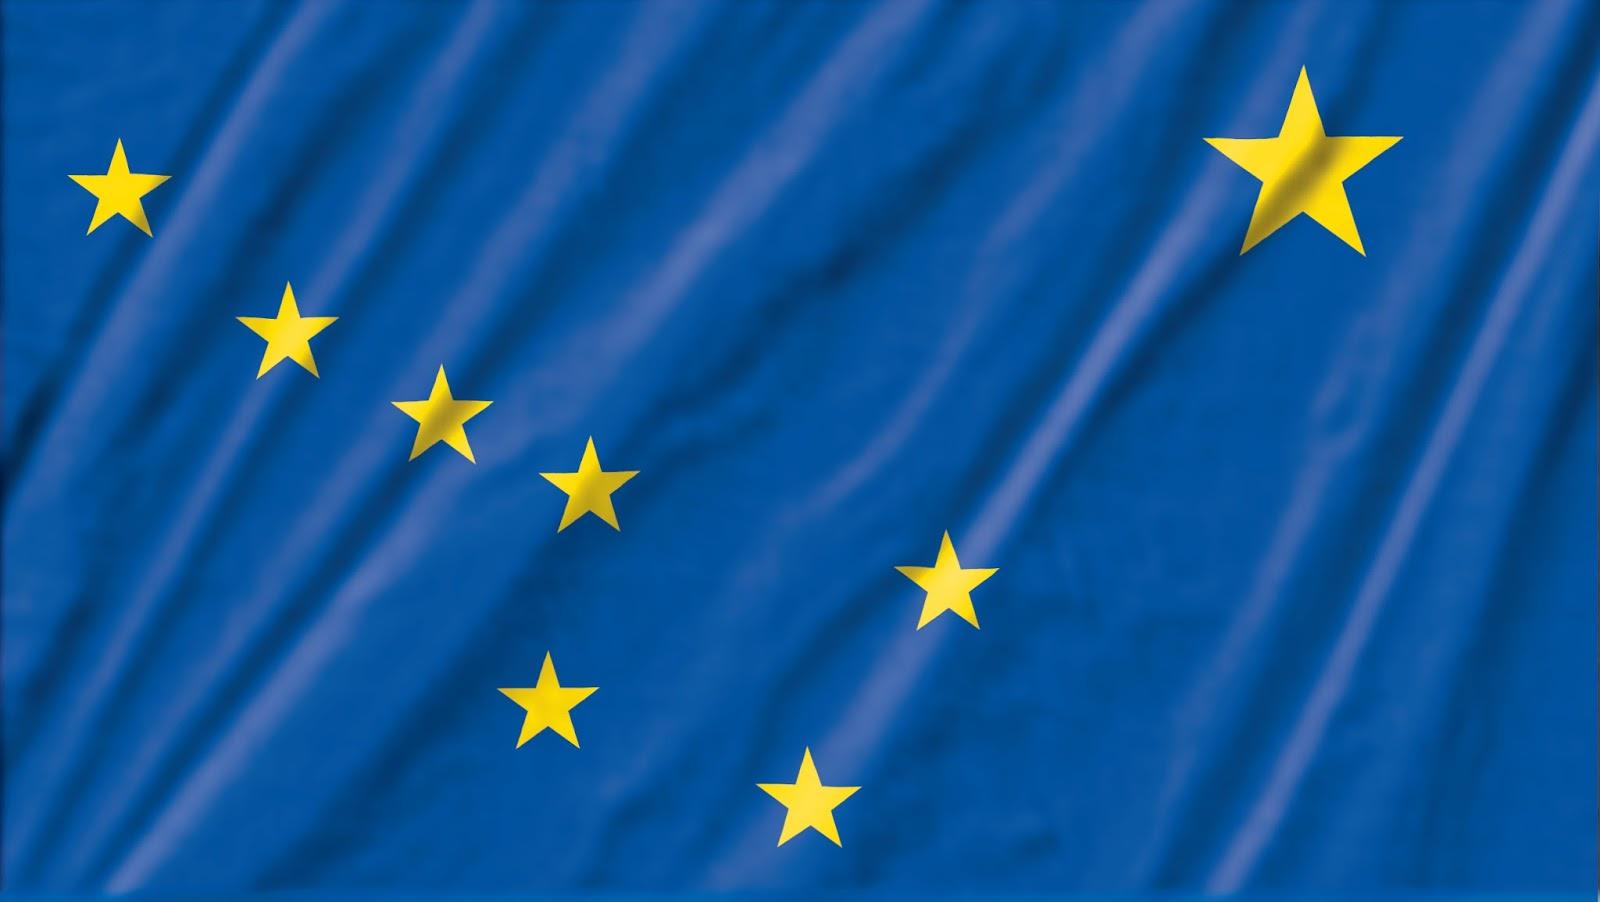 Sillas vintage el rinc 243 n di ree - Es Tan Famosa Que Cuando El Estado De Alaska Quiso Tener Su Bandera All Por 1959 Pidi A Sus Ciudadanos Que Dise Aran El Nuevo Estandarte